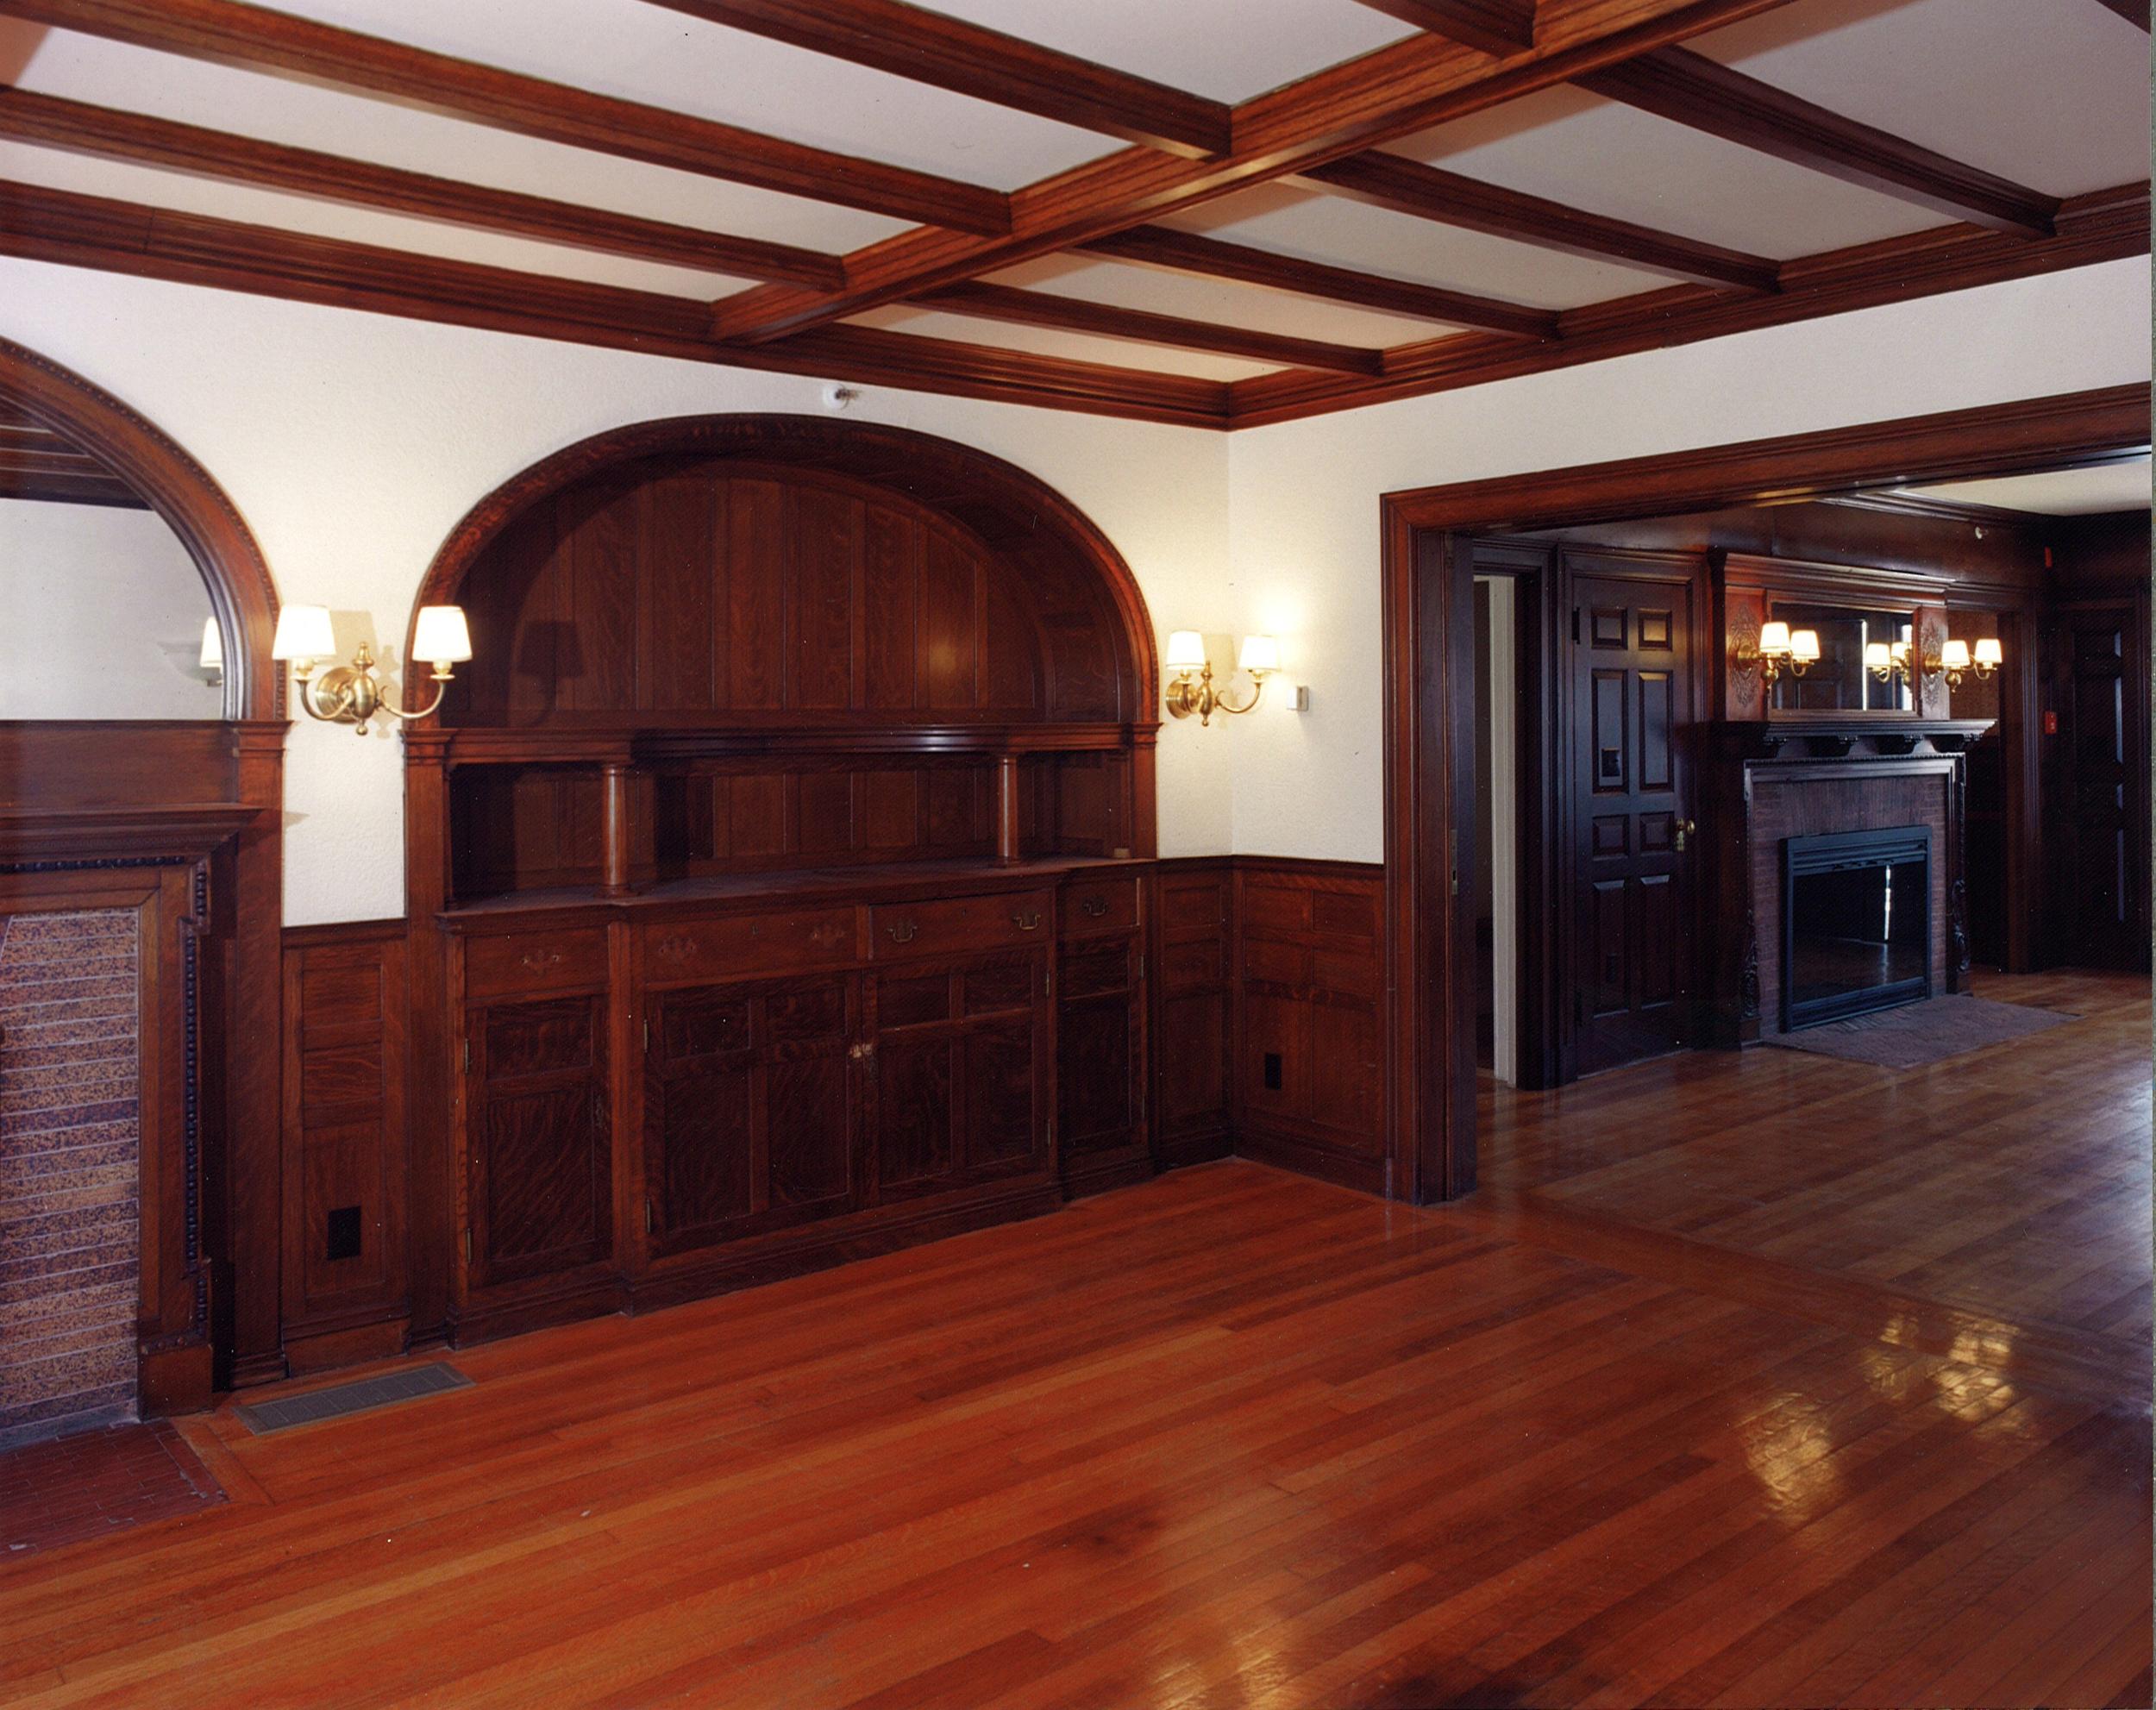 06-Interior.jpg